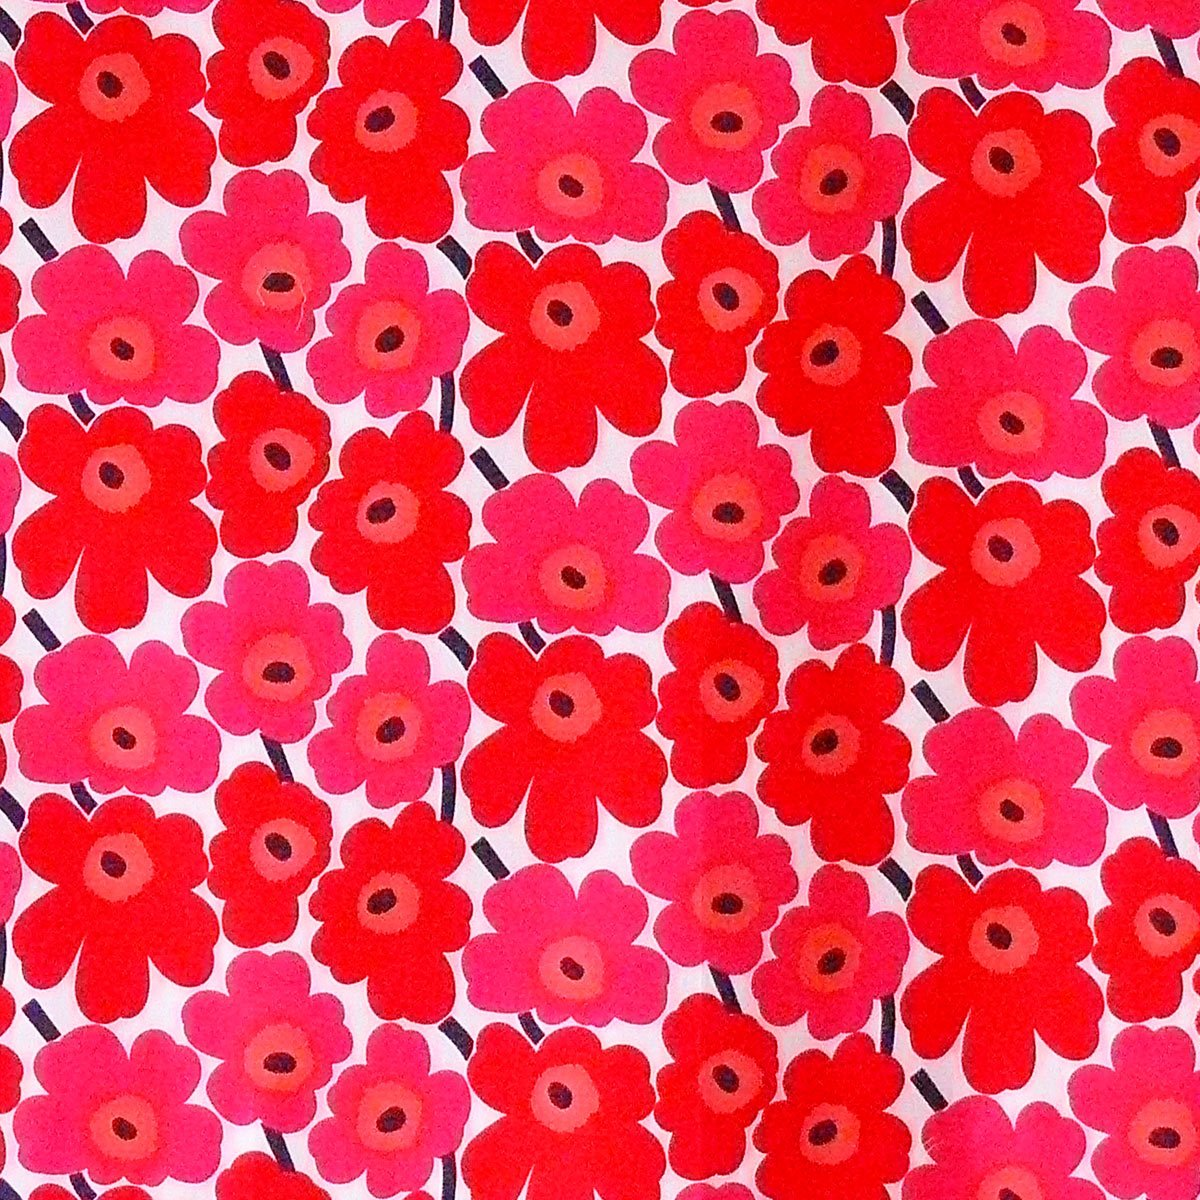 生地 Ipad壁紙 Marimekko マリメッコ レッド その他 スマホ用画像153457